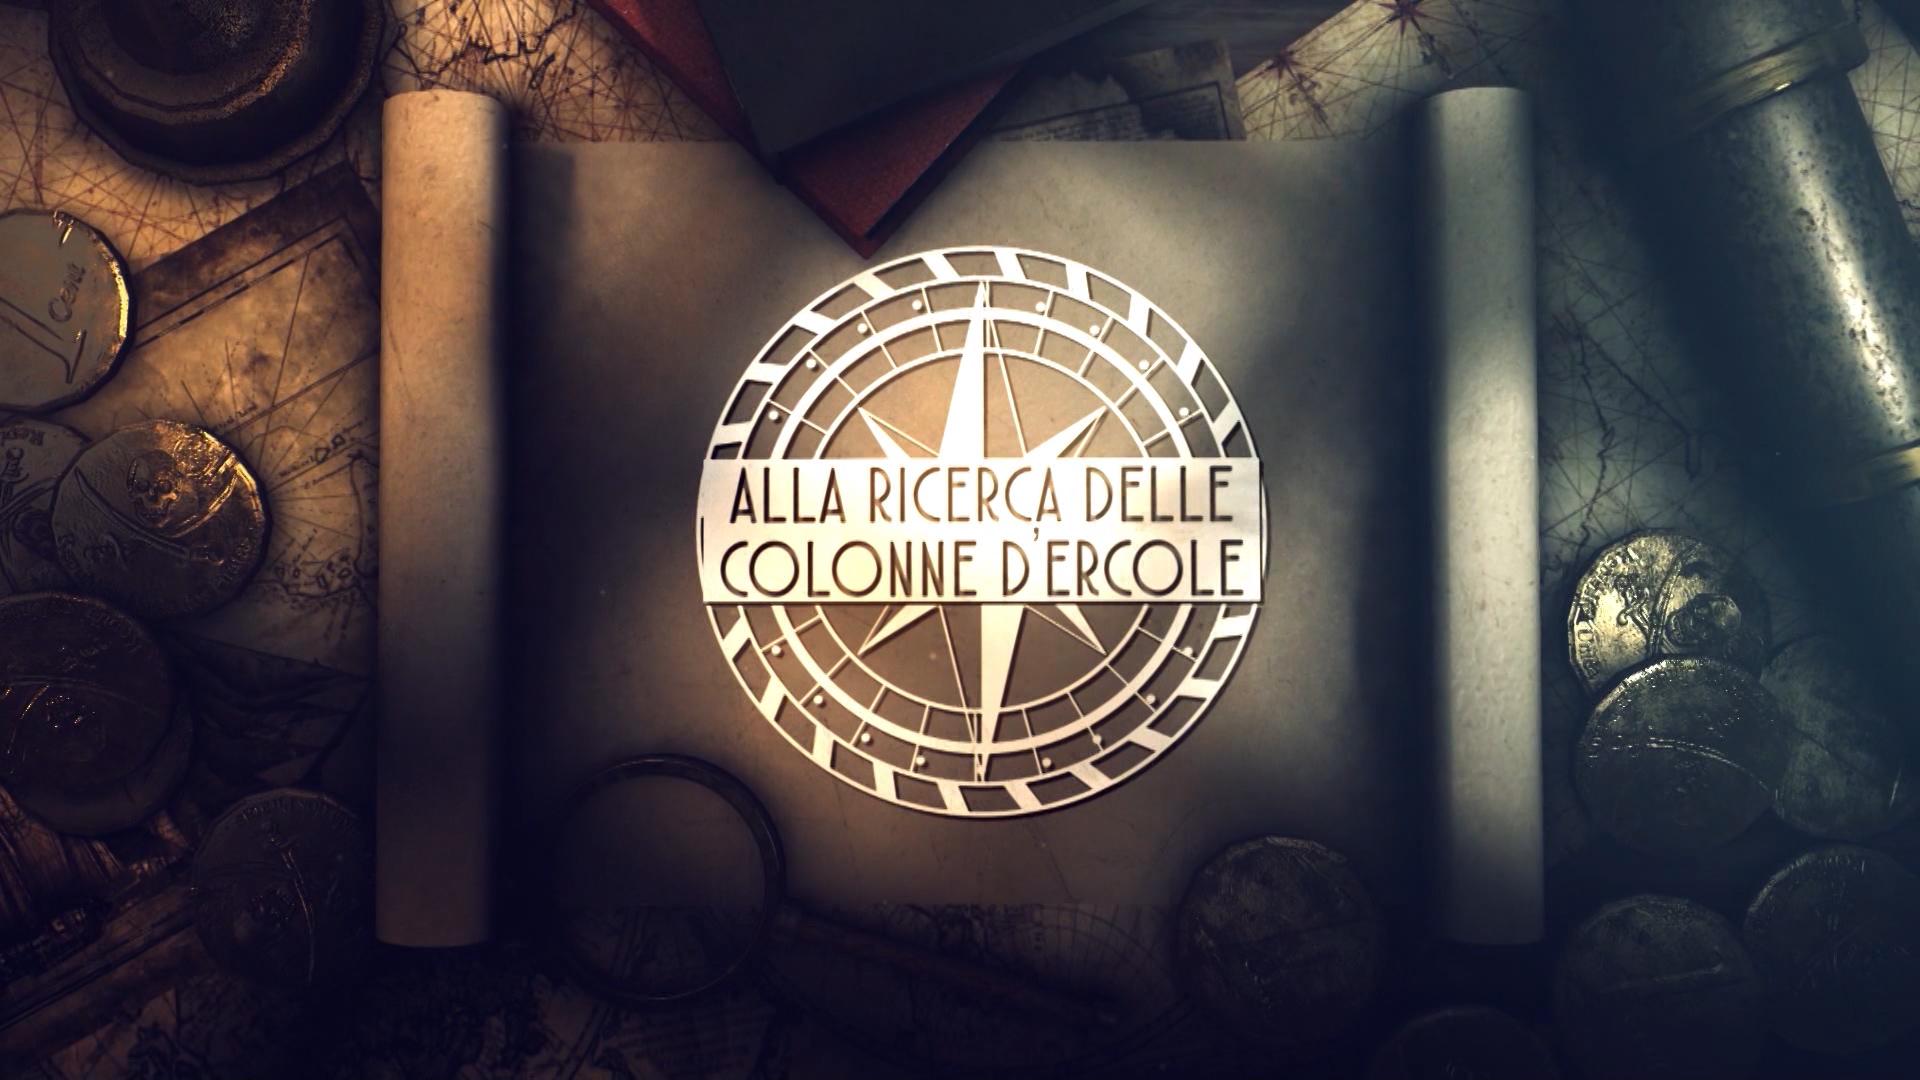 ALLA RICERCA DELLE COLONNE D'ERCOLE 2021